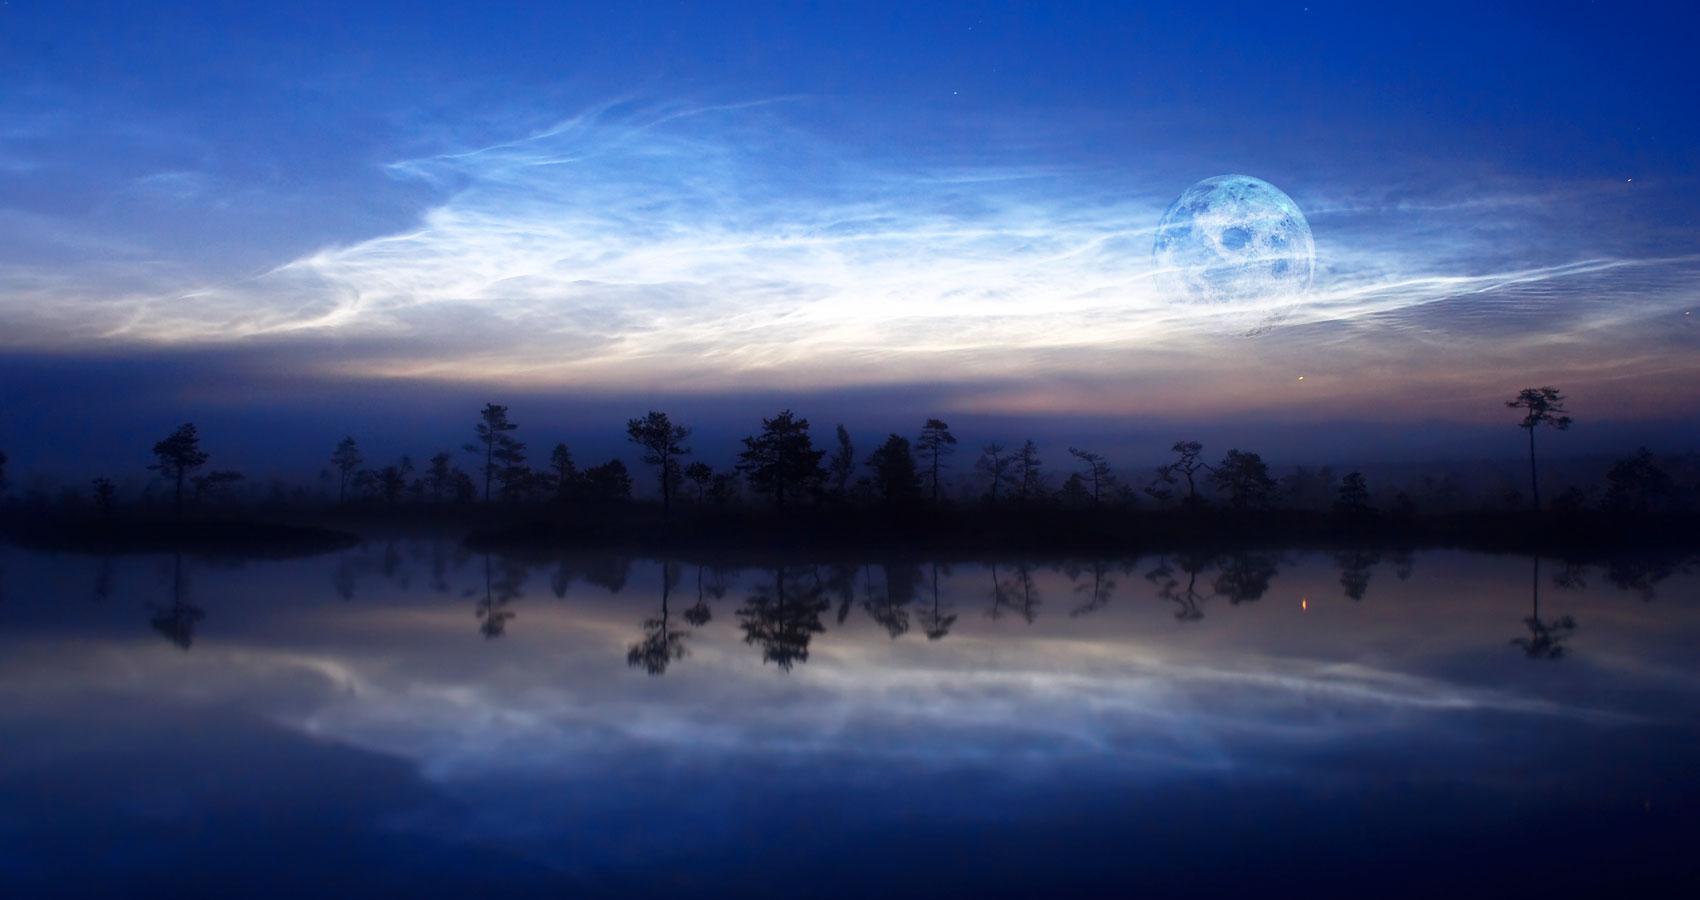 Sapphire Skies, written by Fallen Engel at Spillwords.com